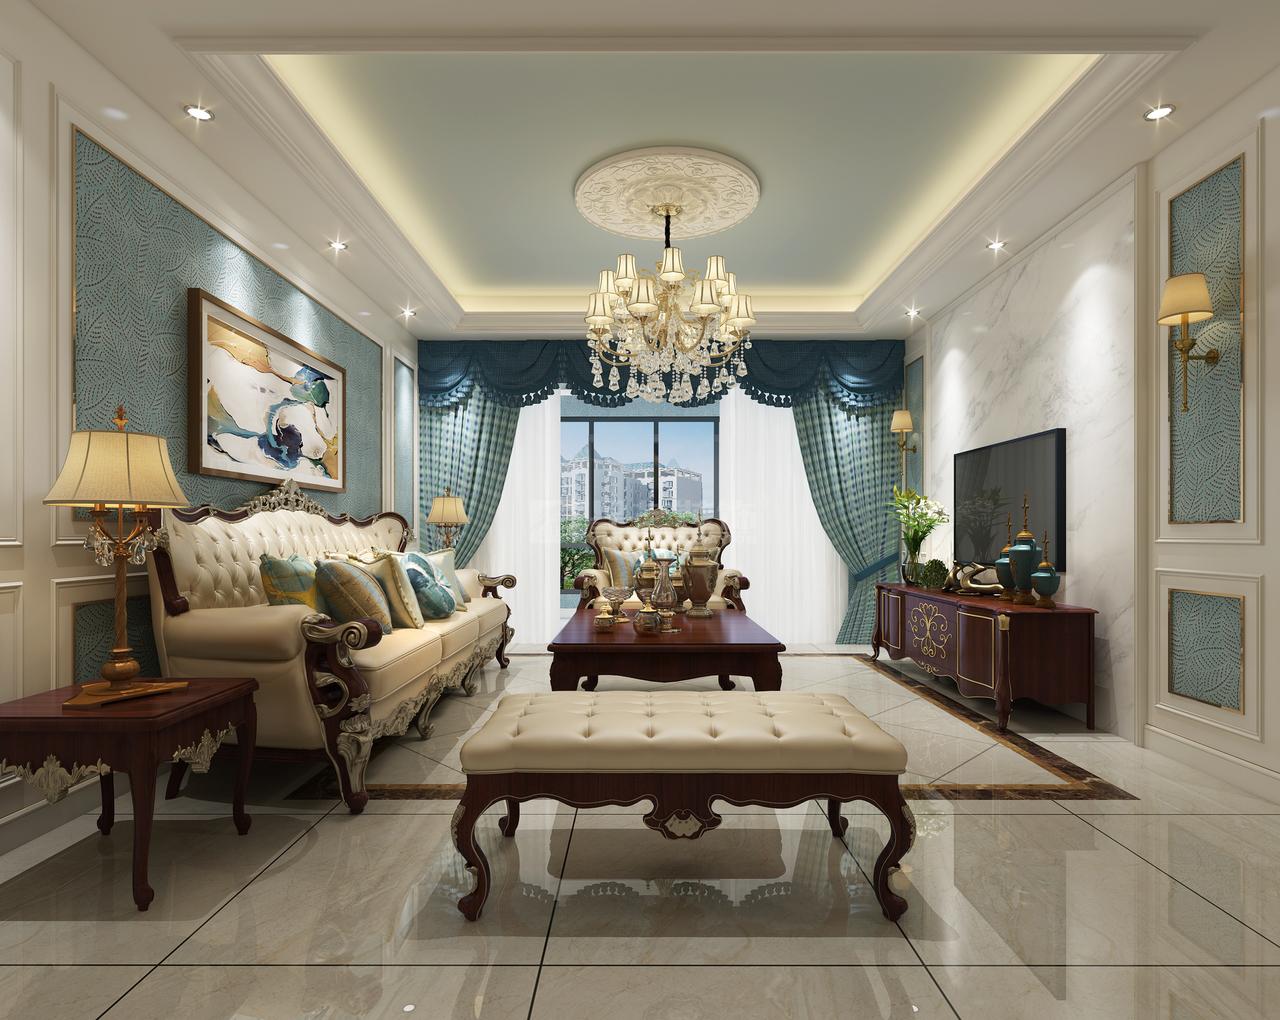 贵阳天誉城意在营造舒适、大方居家氛围的简美式装修效果图,美式,别墅,180.0㎡